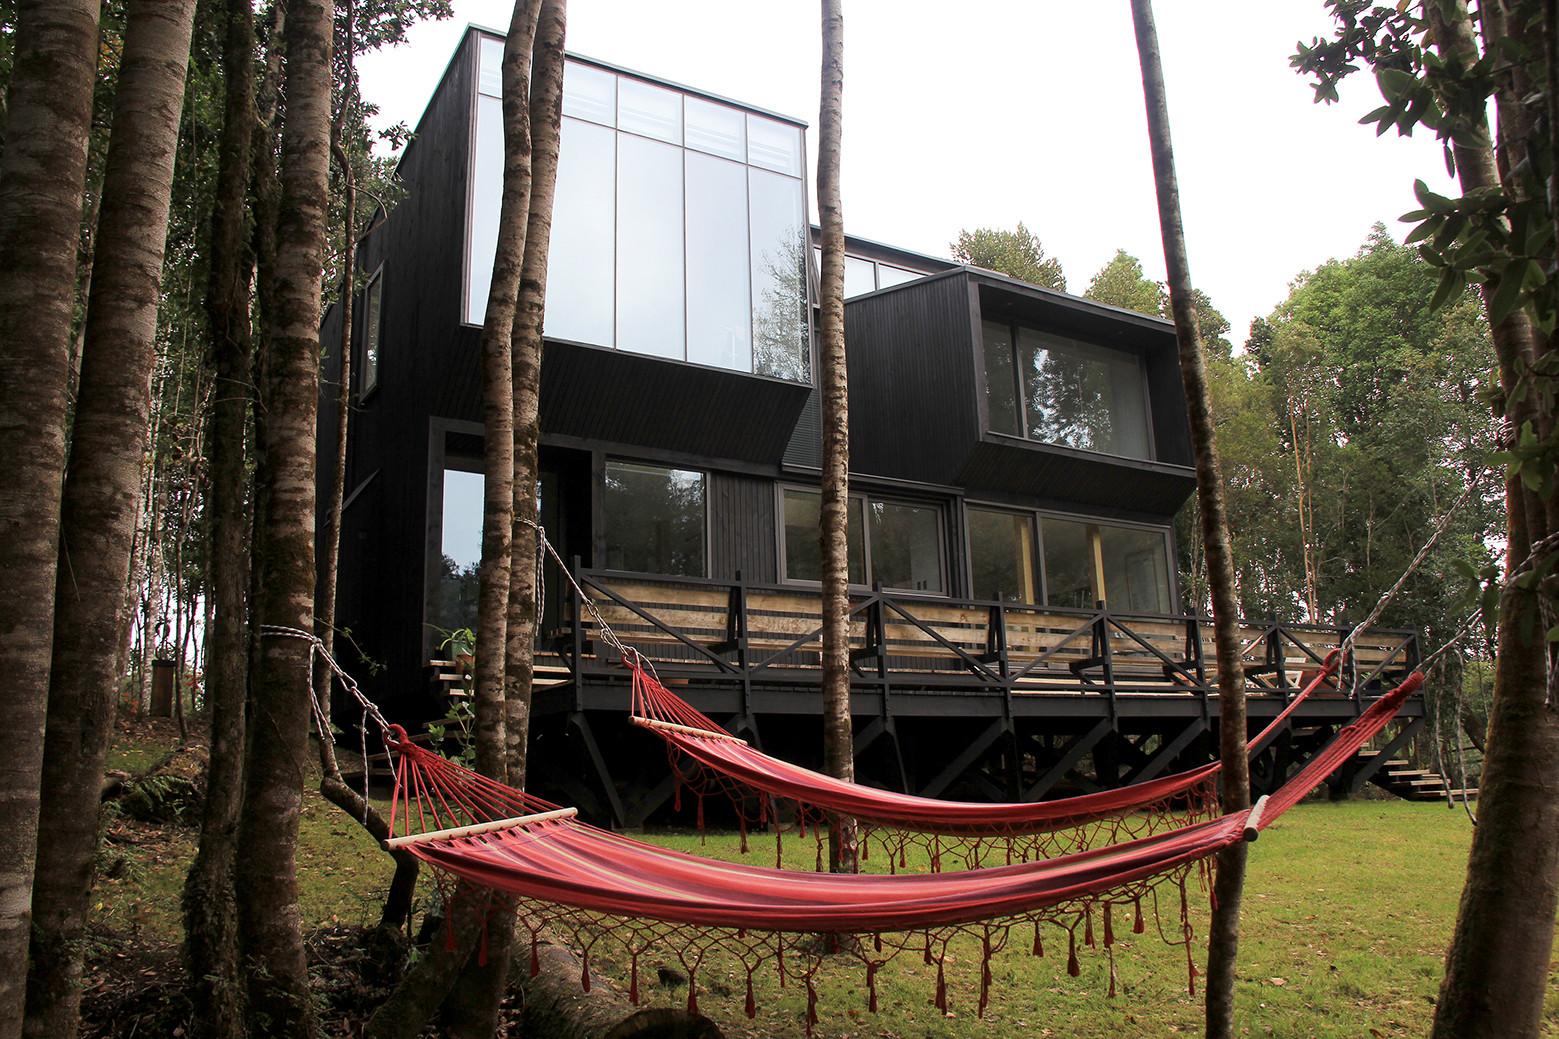 Casa CBI / SGGB Arquitectos, Courtesy of Sebastian Guevara Sinclair